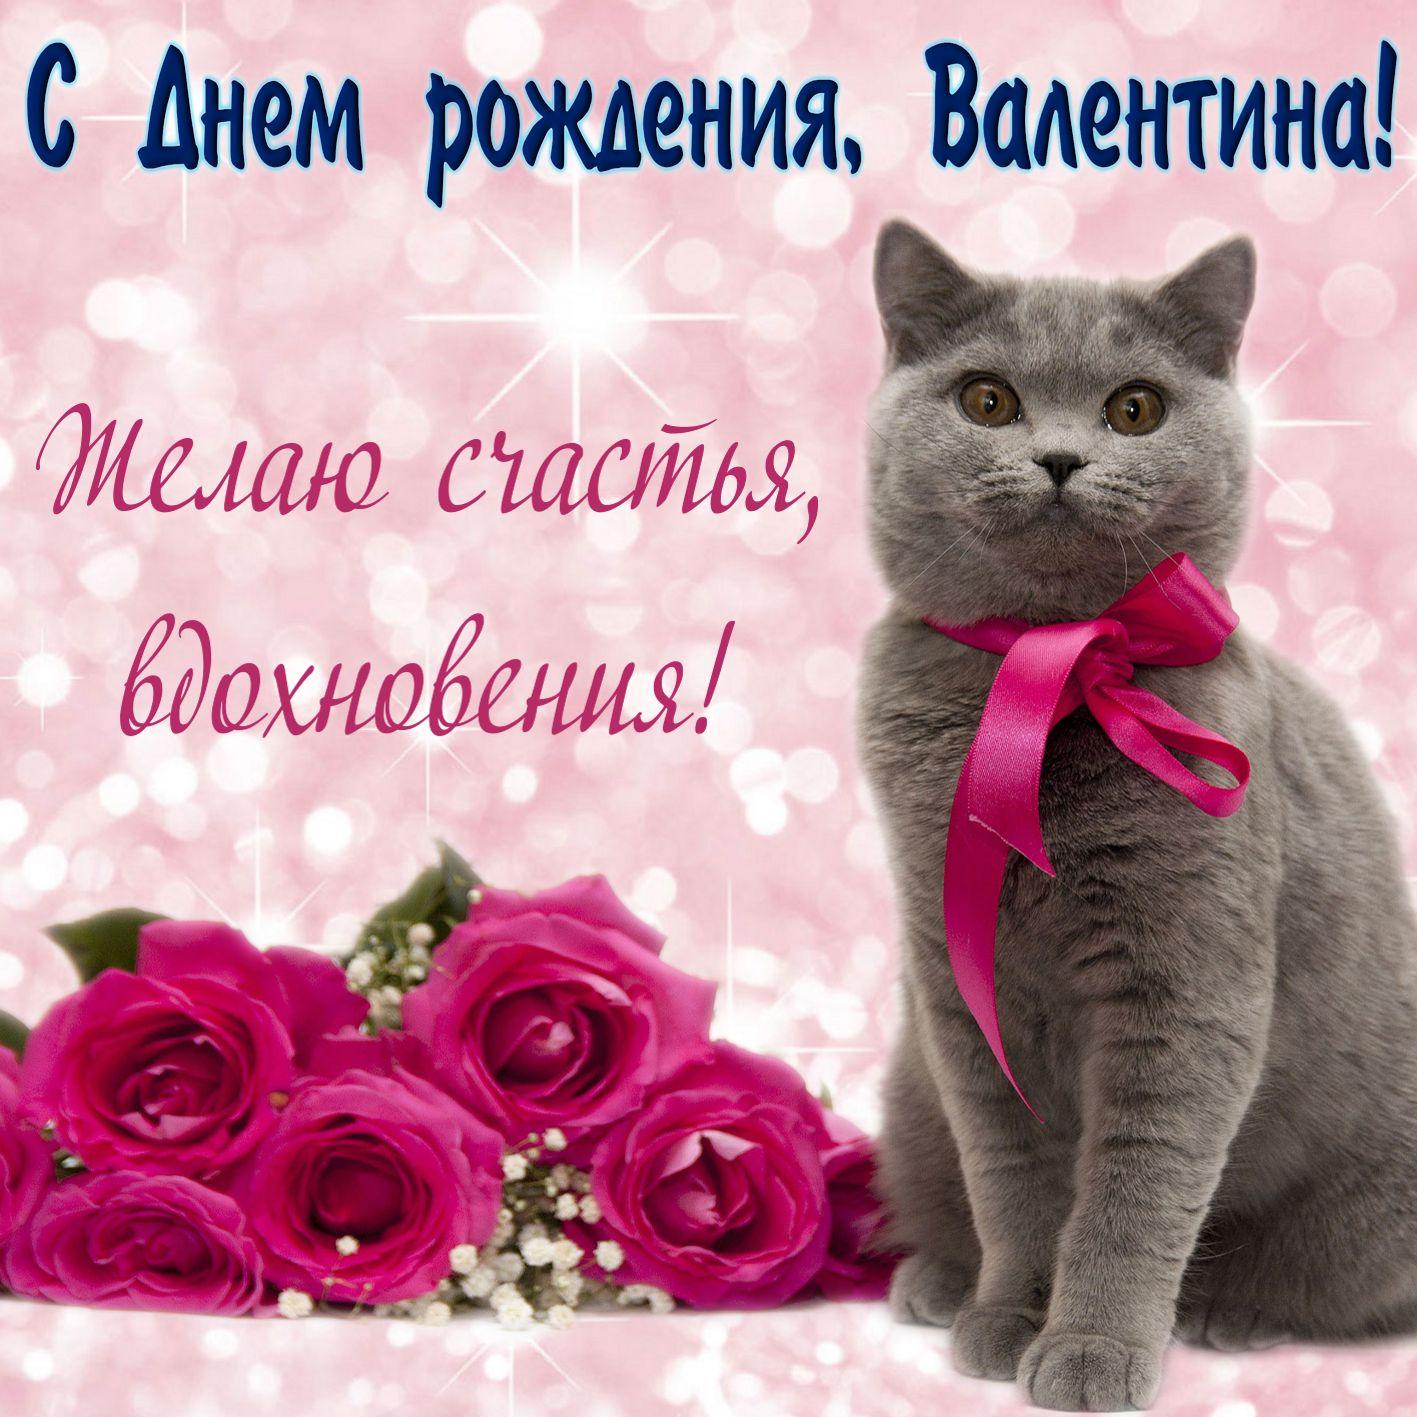 Открытка на День рождения Валентине - милый серый котик с пожеланием